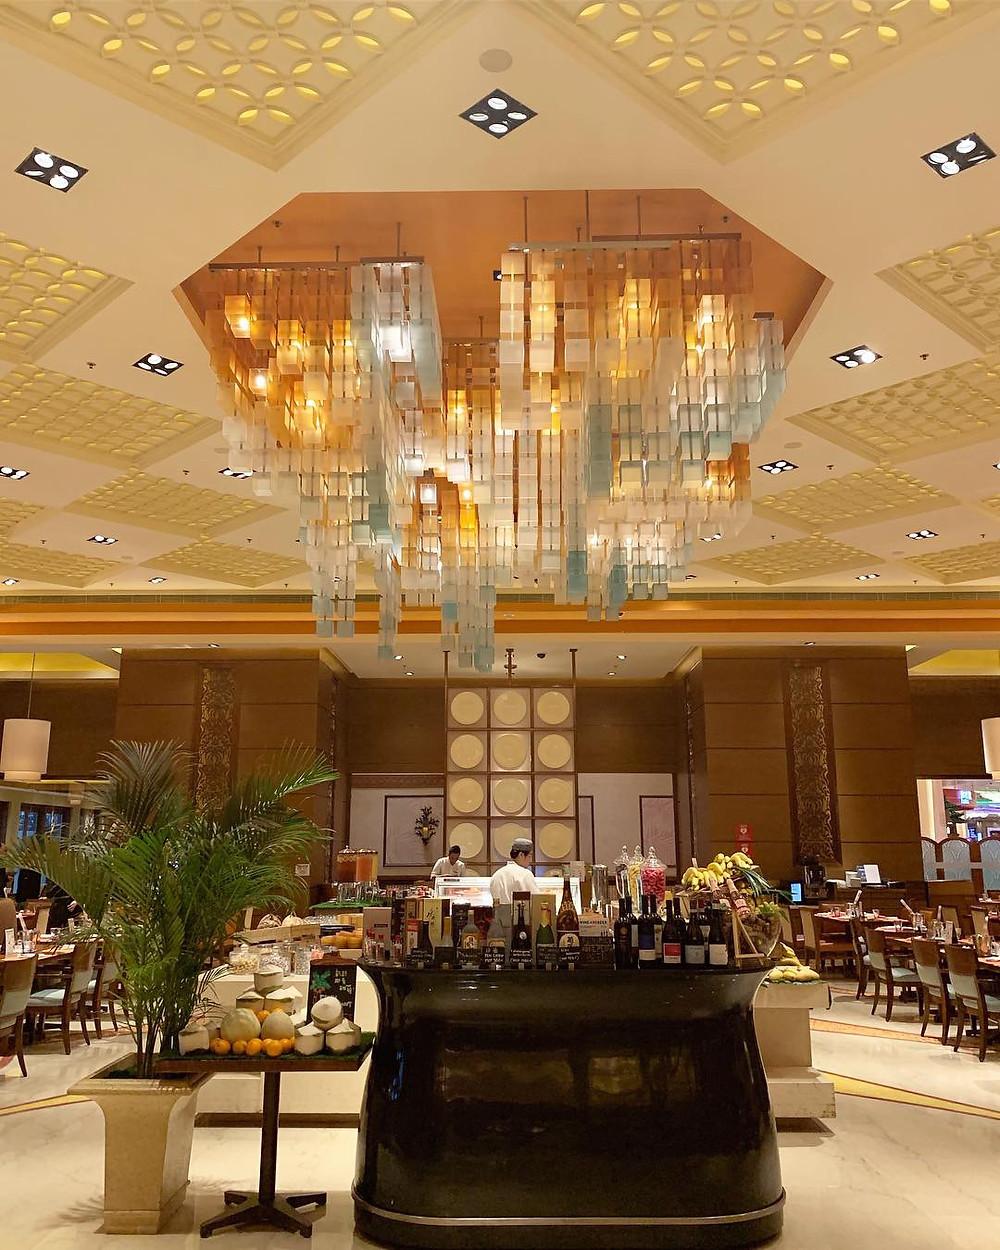 Sheraton Grand Hotel in Macao